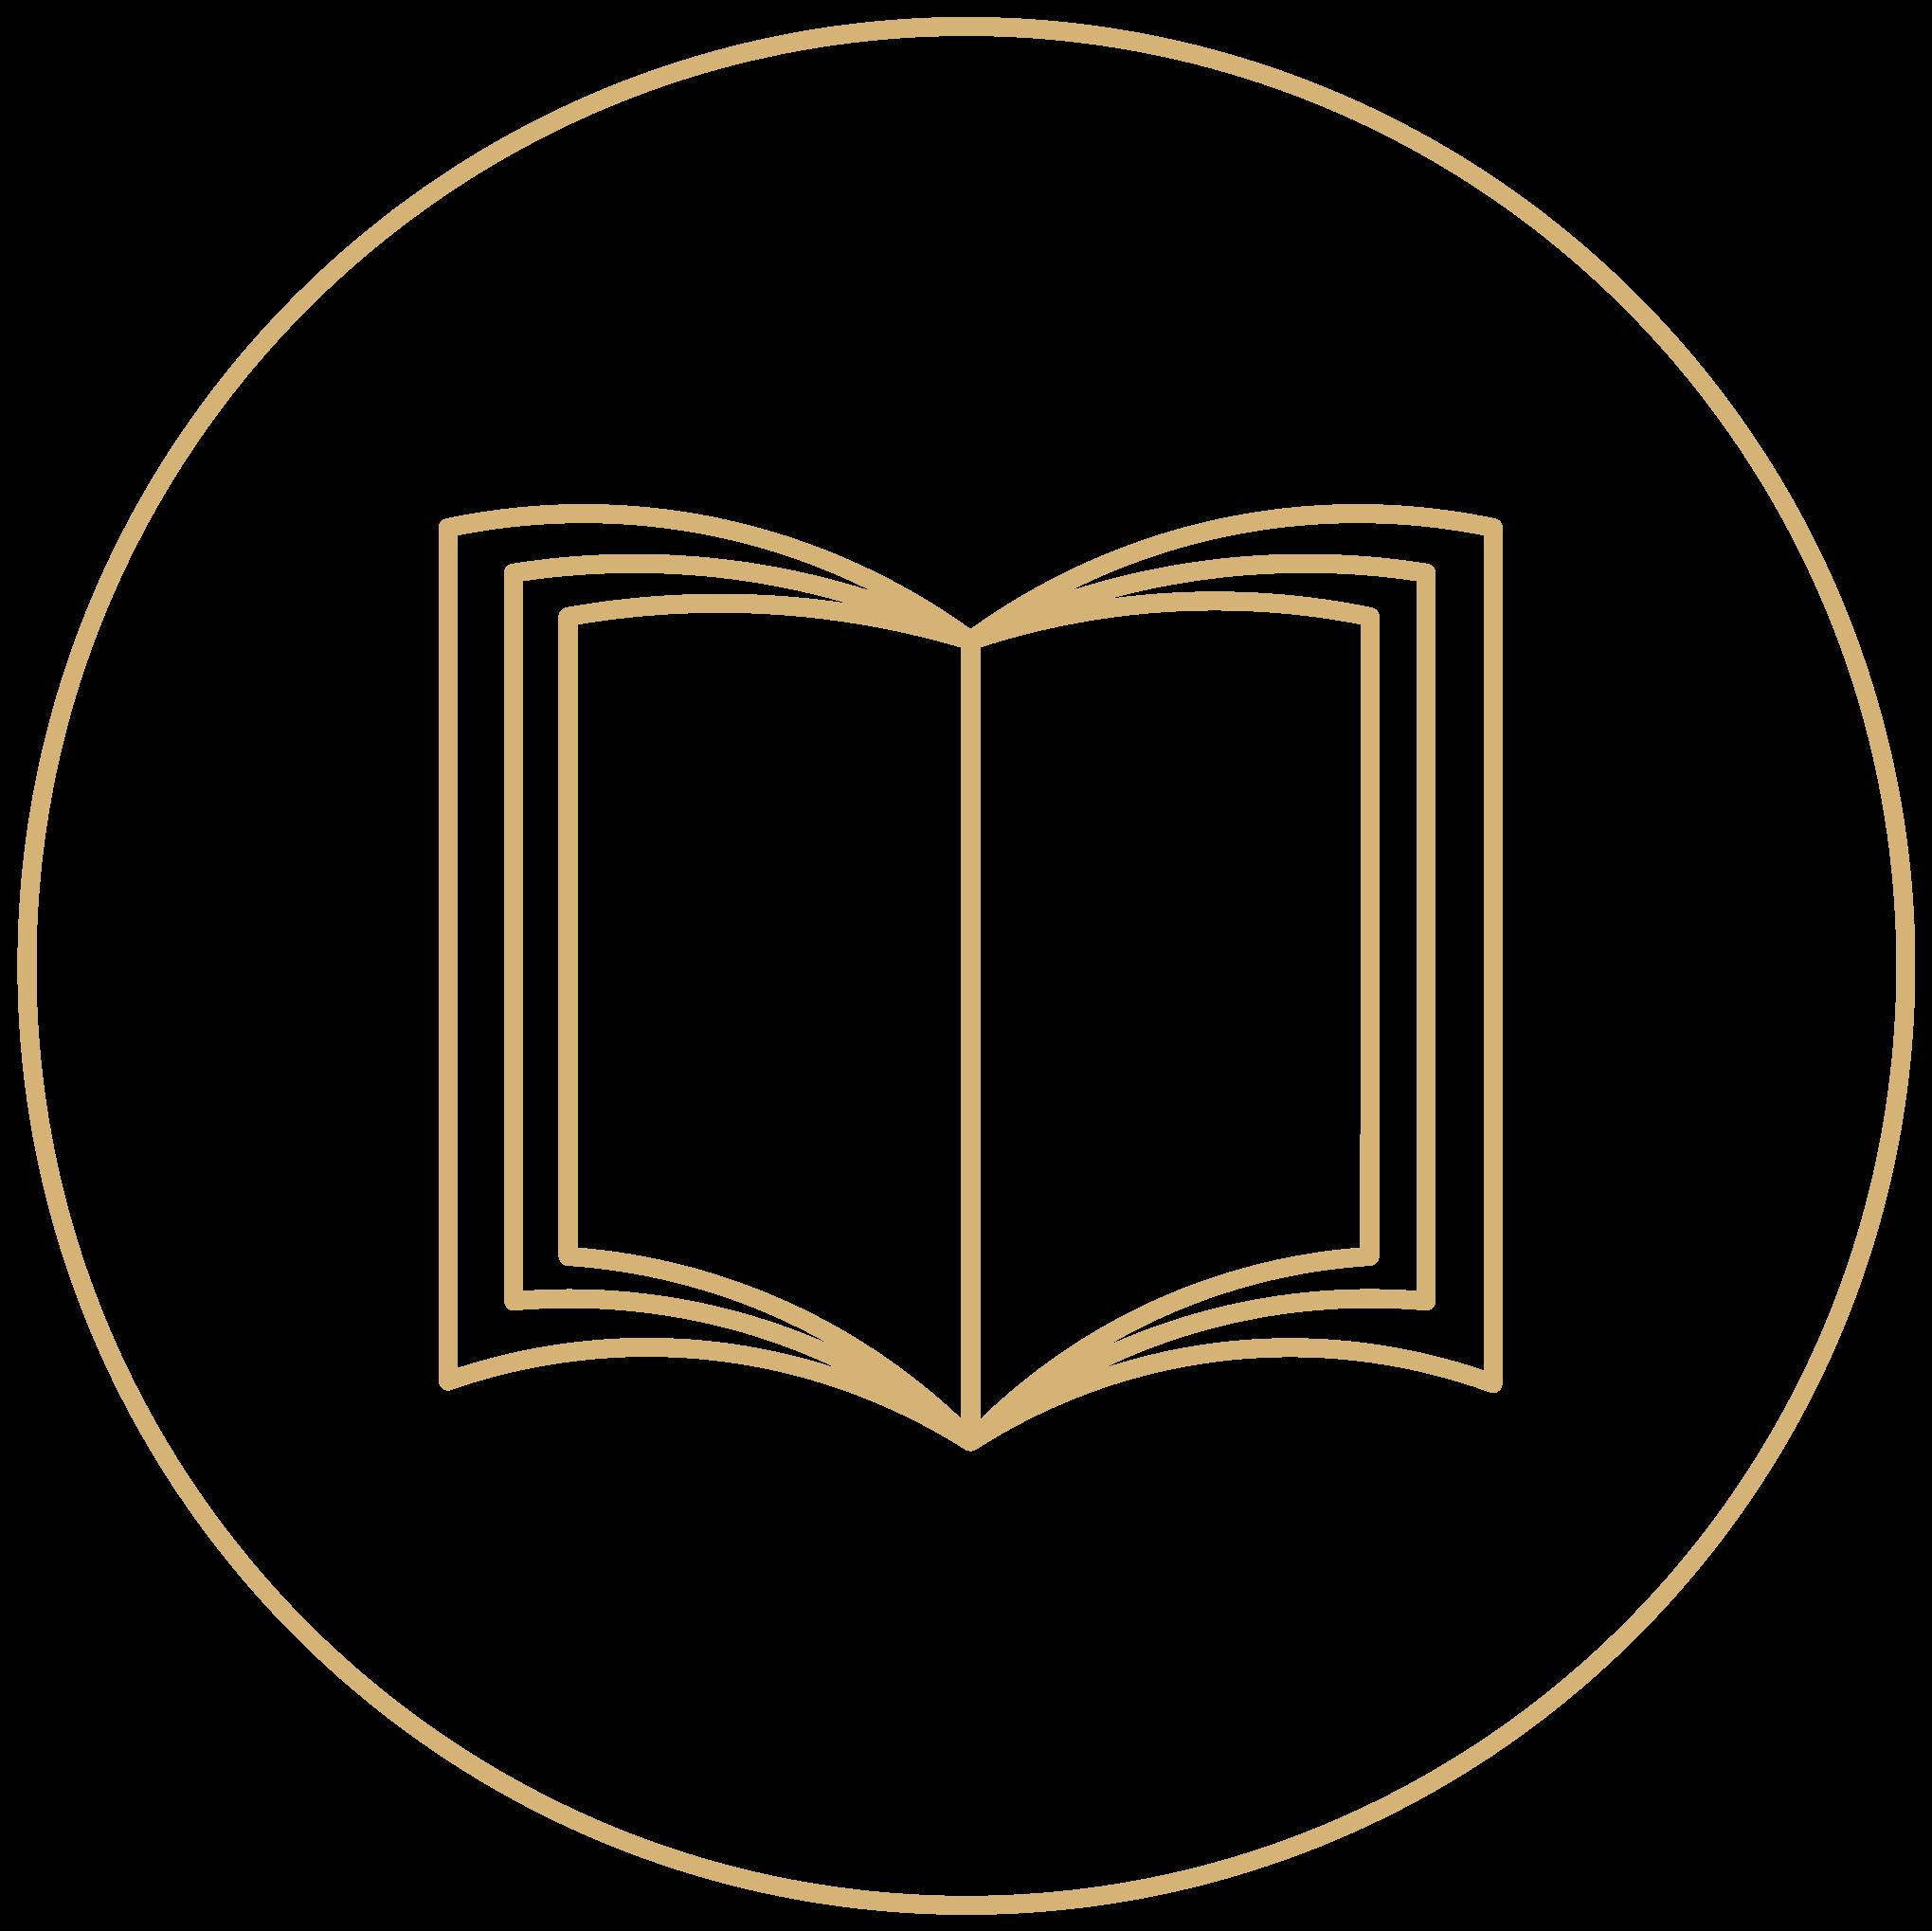 Buchsatz, Verlag, Zeitungen, Artikel, Magazine, Zeitschriften, Flyer, Brochüre, Styleguide, Brand Manual, Roll ups, Plakate, Poster, Visitenkarten, Briefpapier, Editorial, Indesign, Adobe